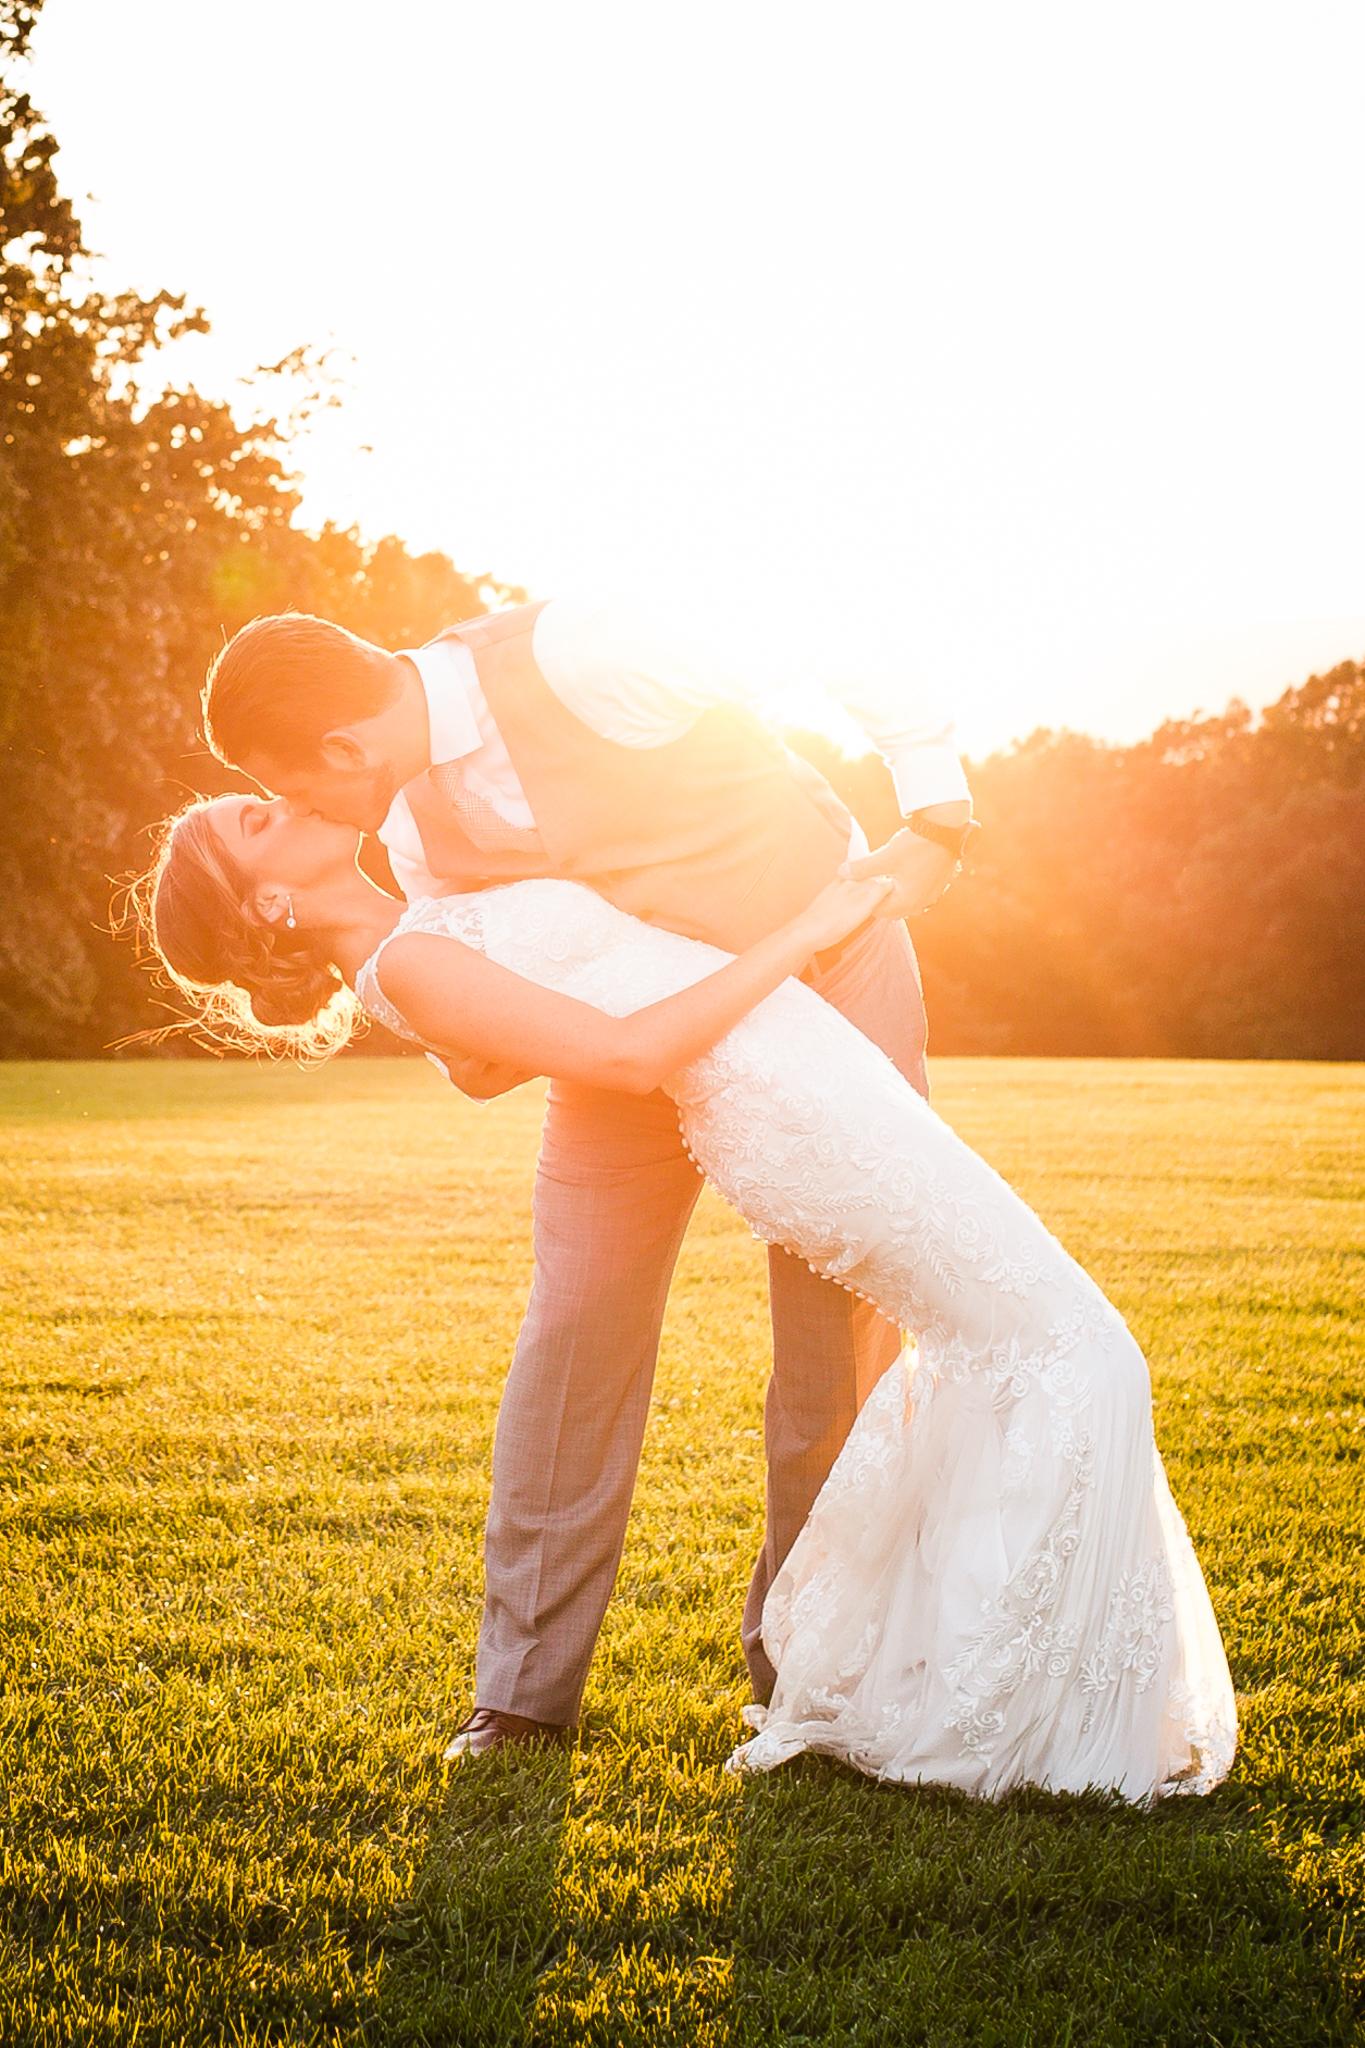 dulany's overlook wedding